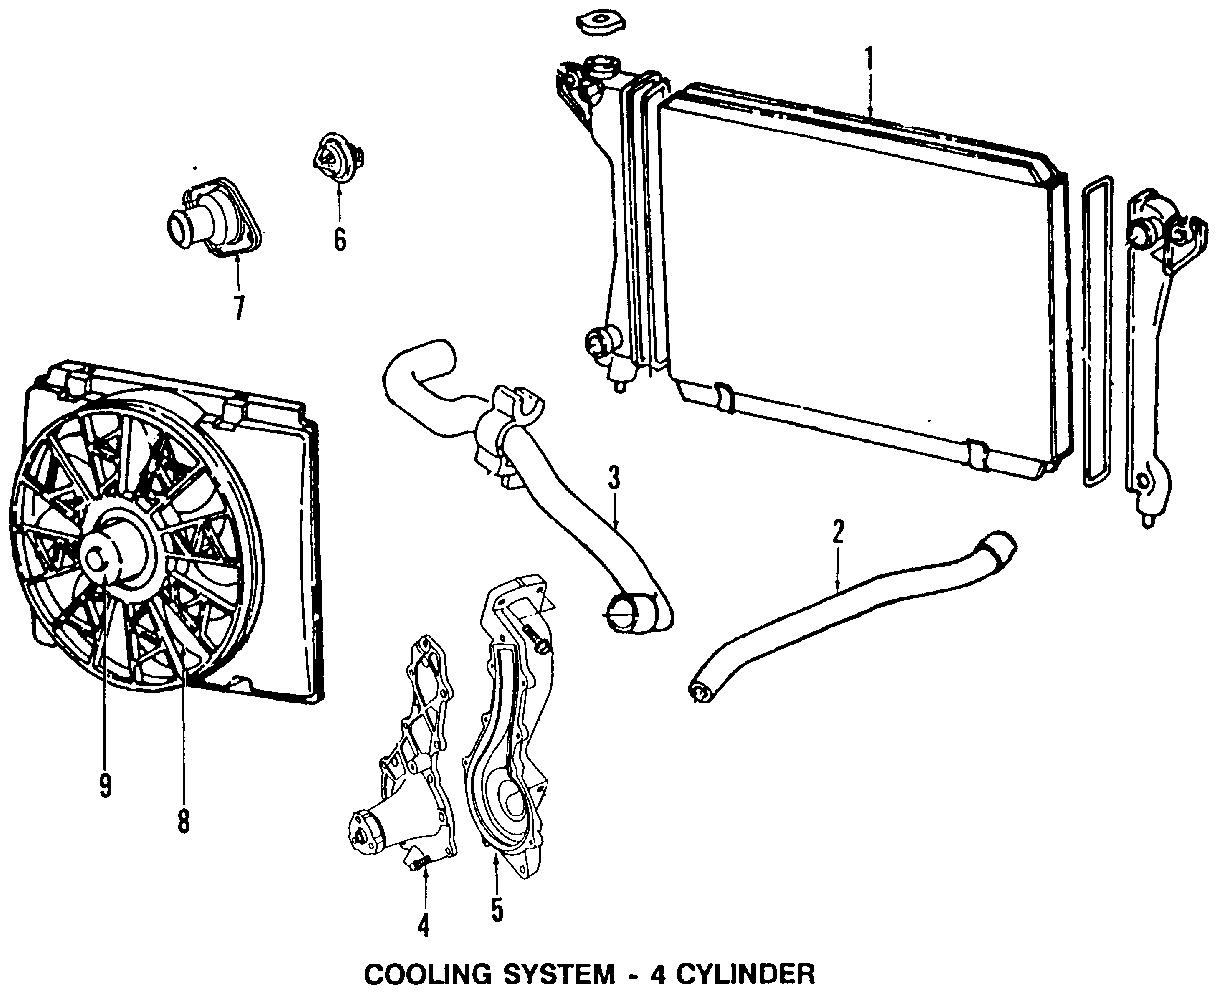 Dodge Spirit Coolant Diagram